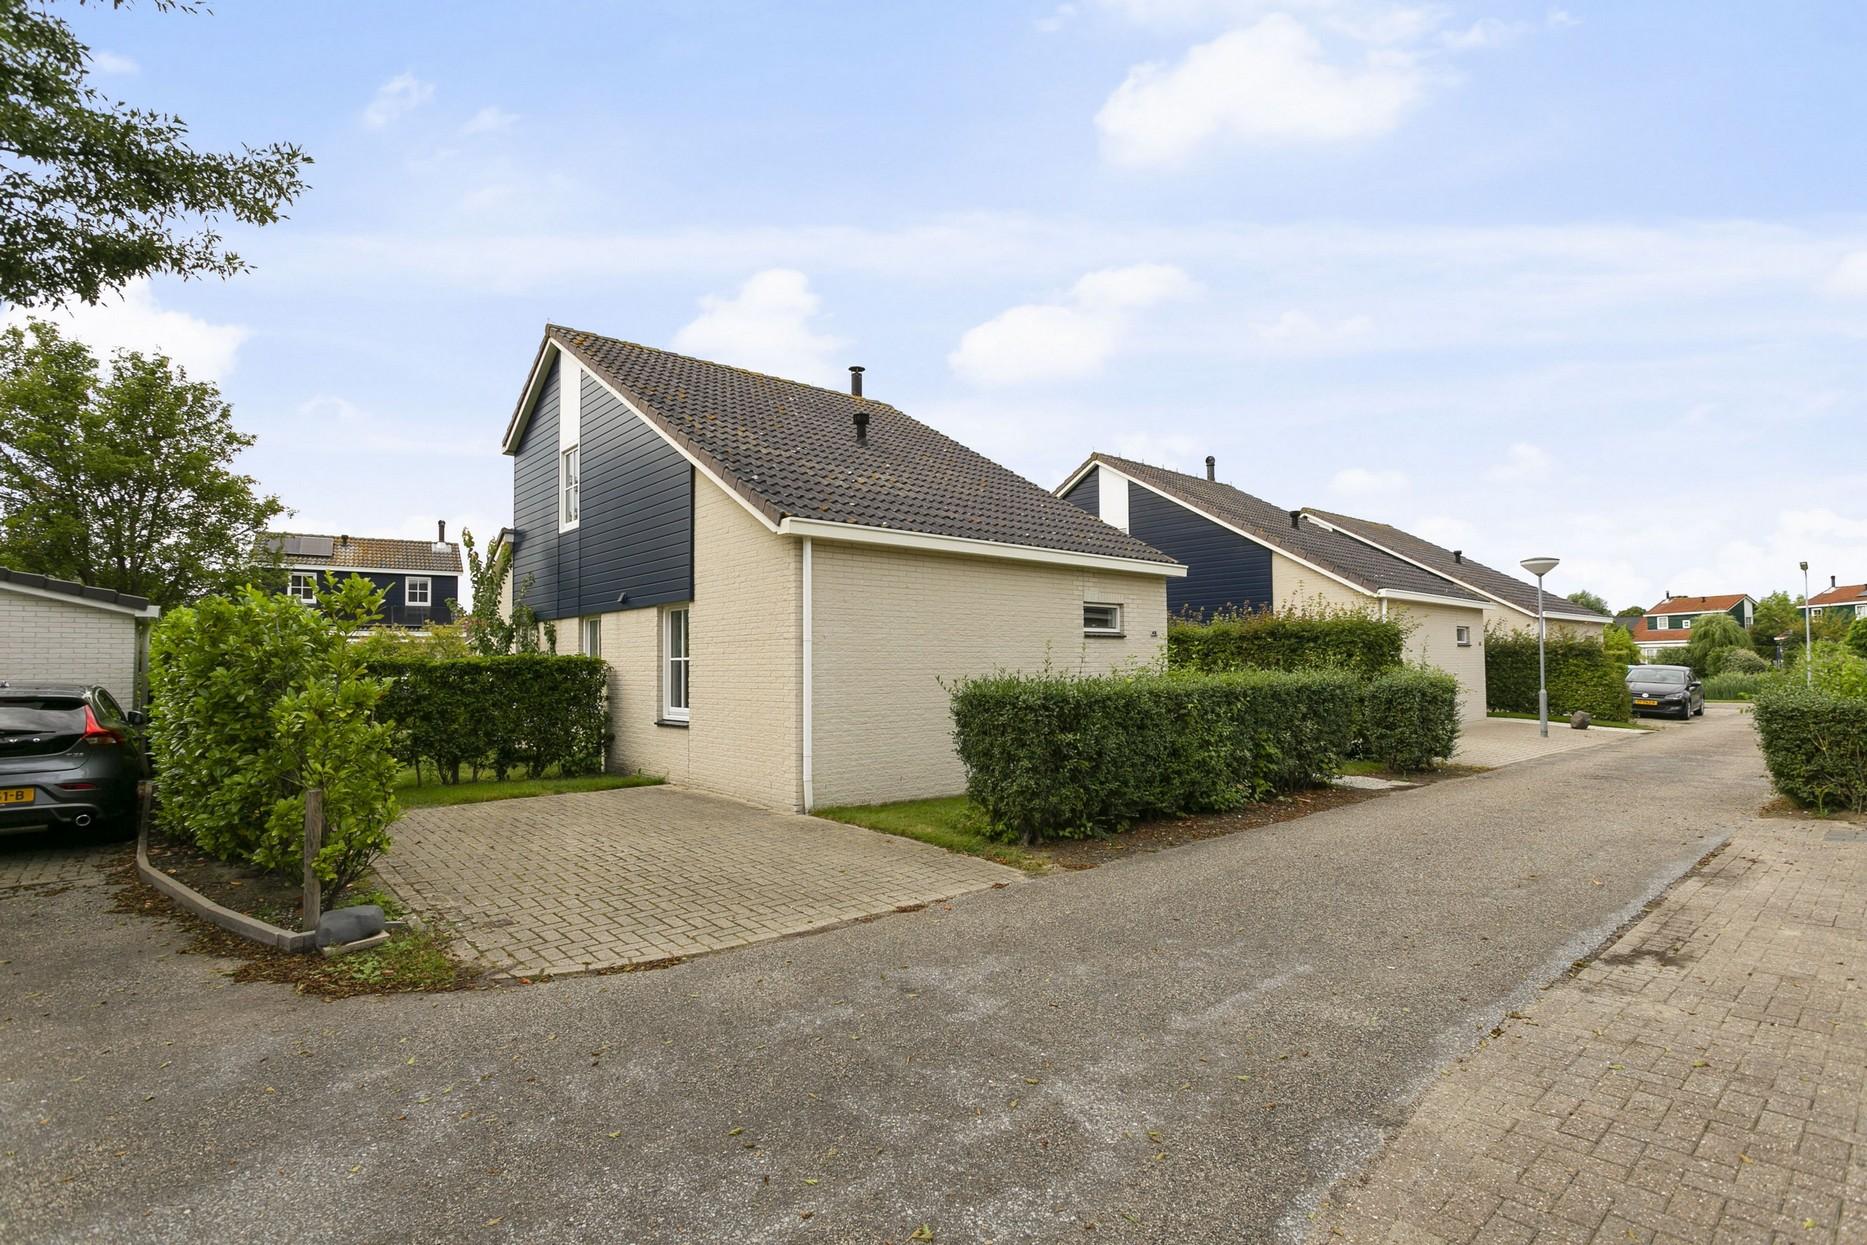 Burgh-Haamstede – Daleboutsweg 3-49